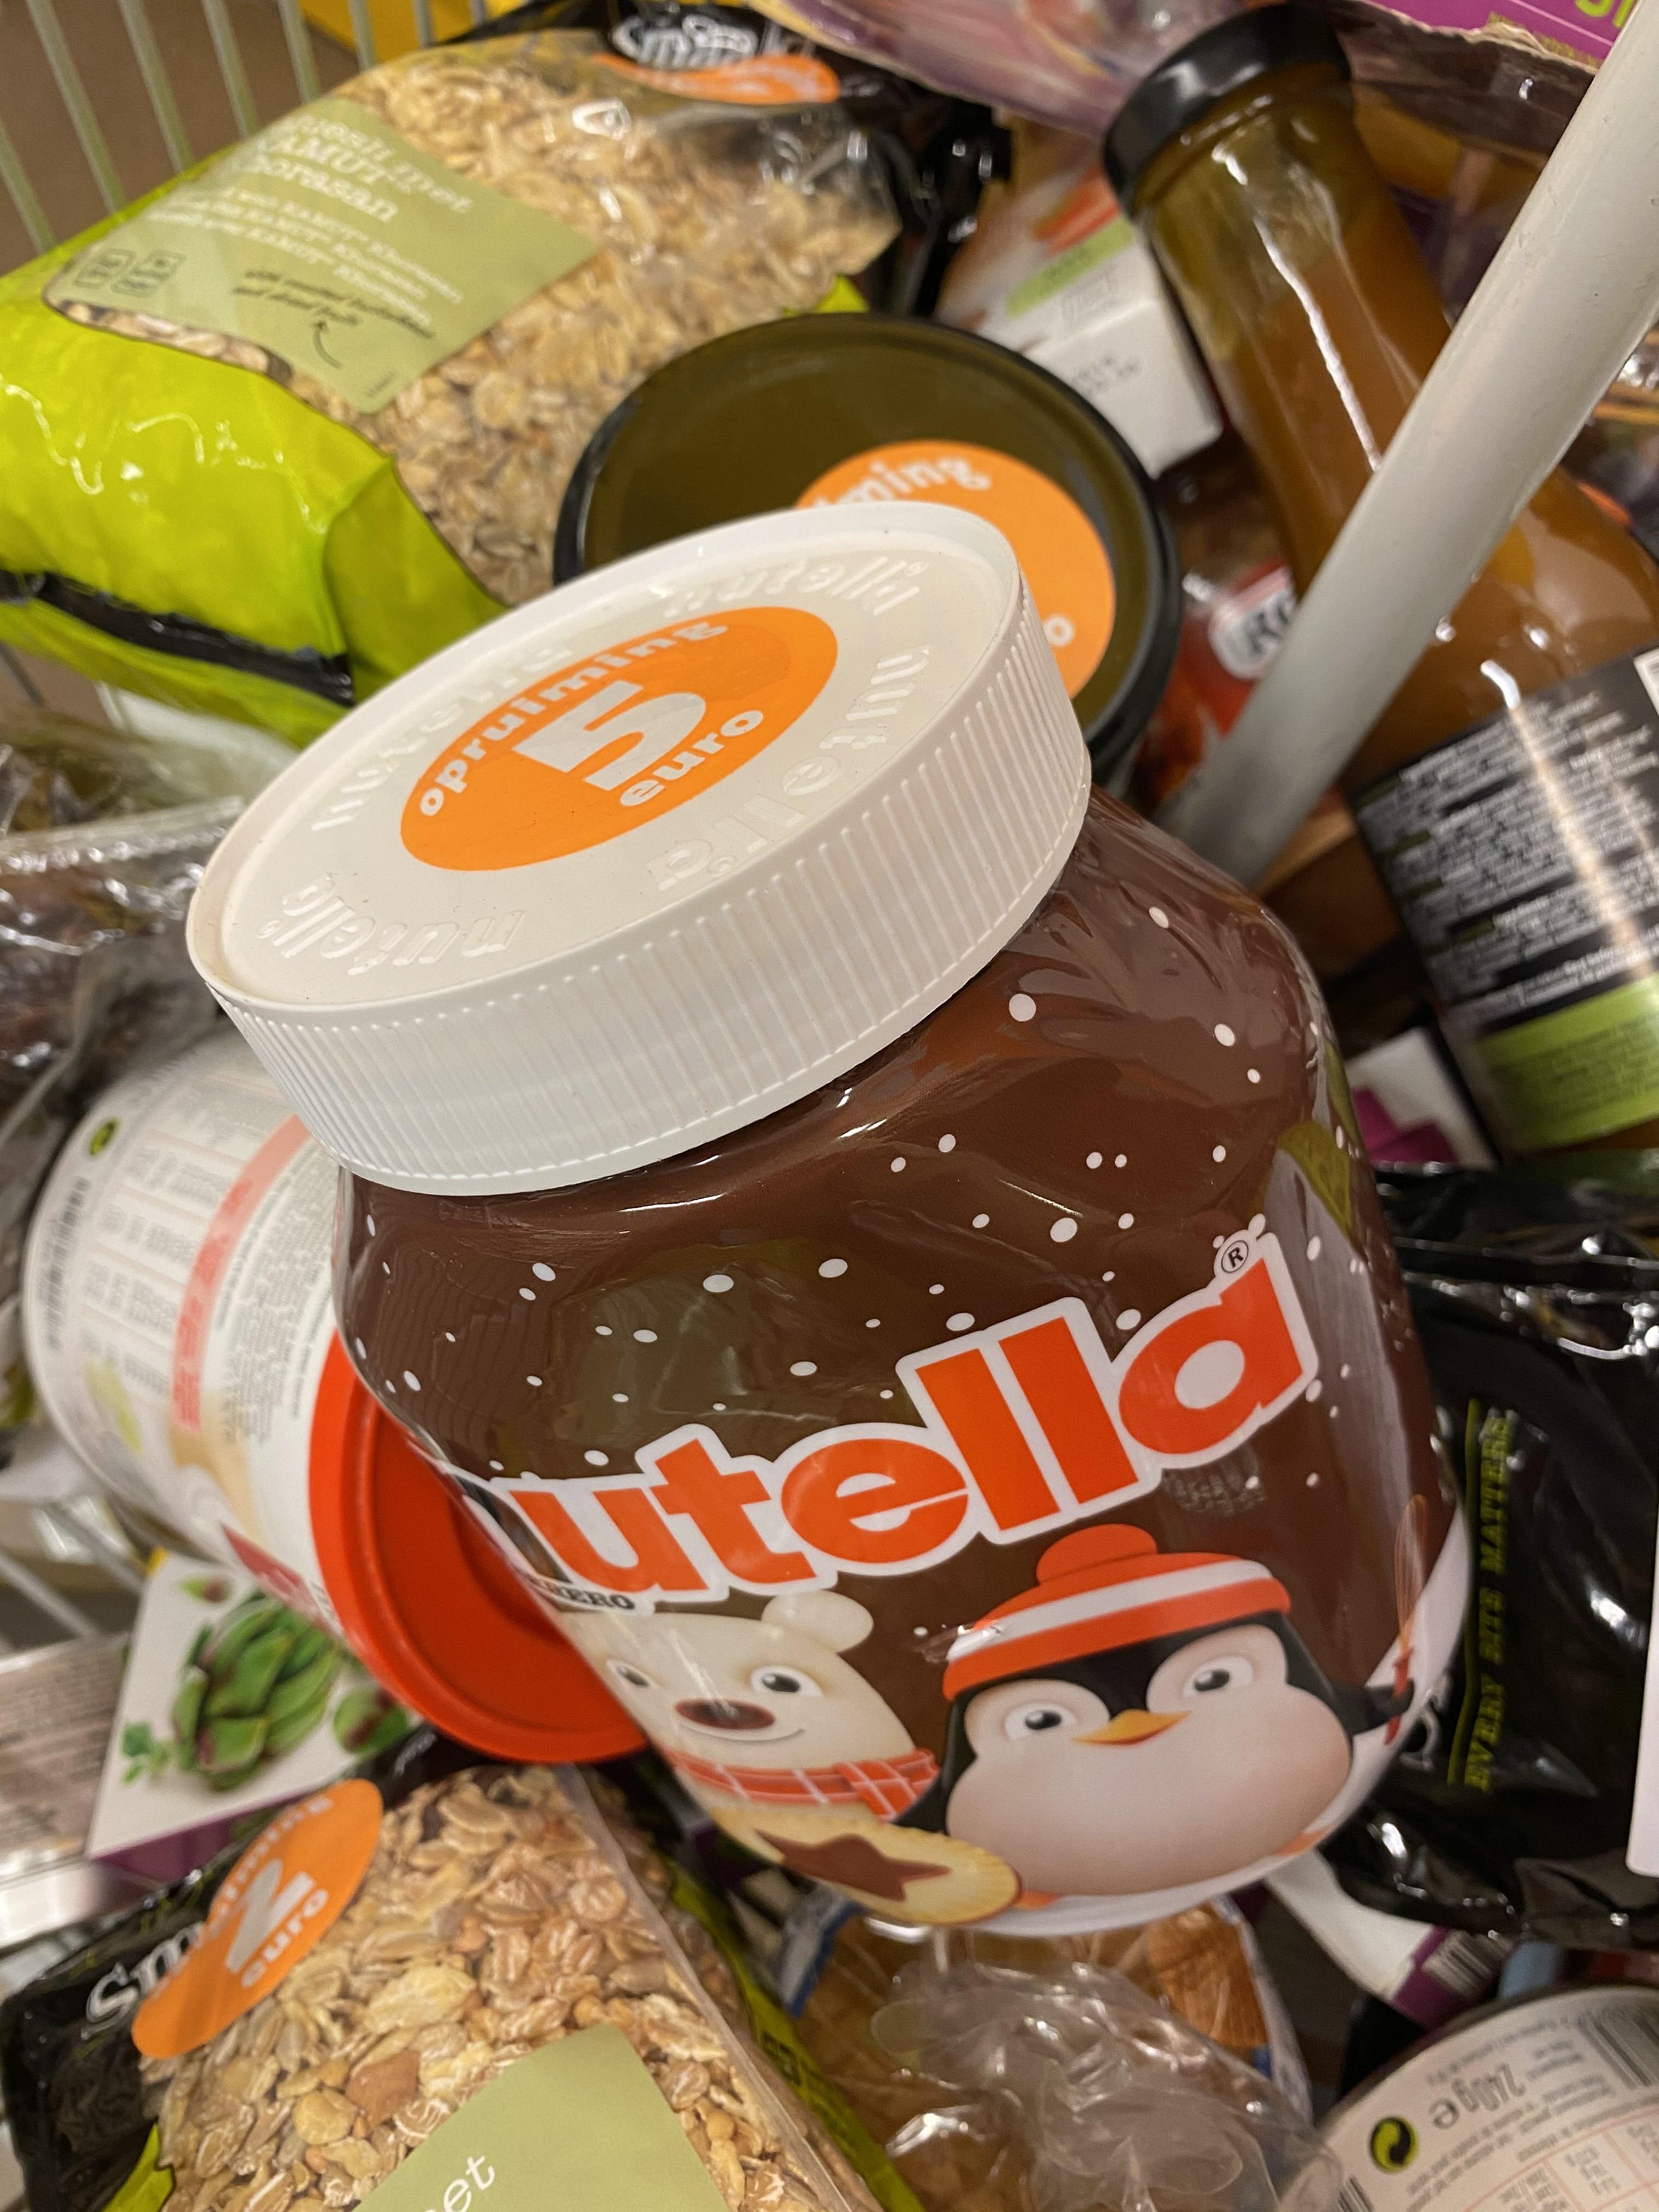 [Eindhoven] Nutella 1 kg voor €5 @Jumbo